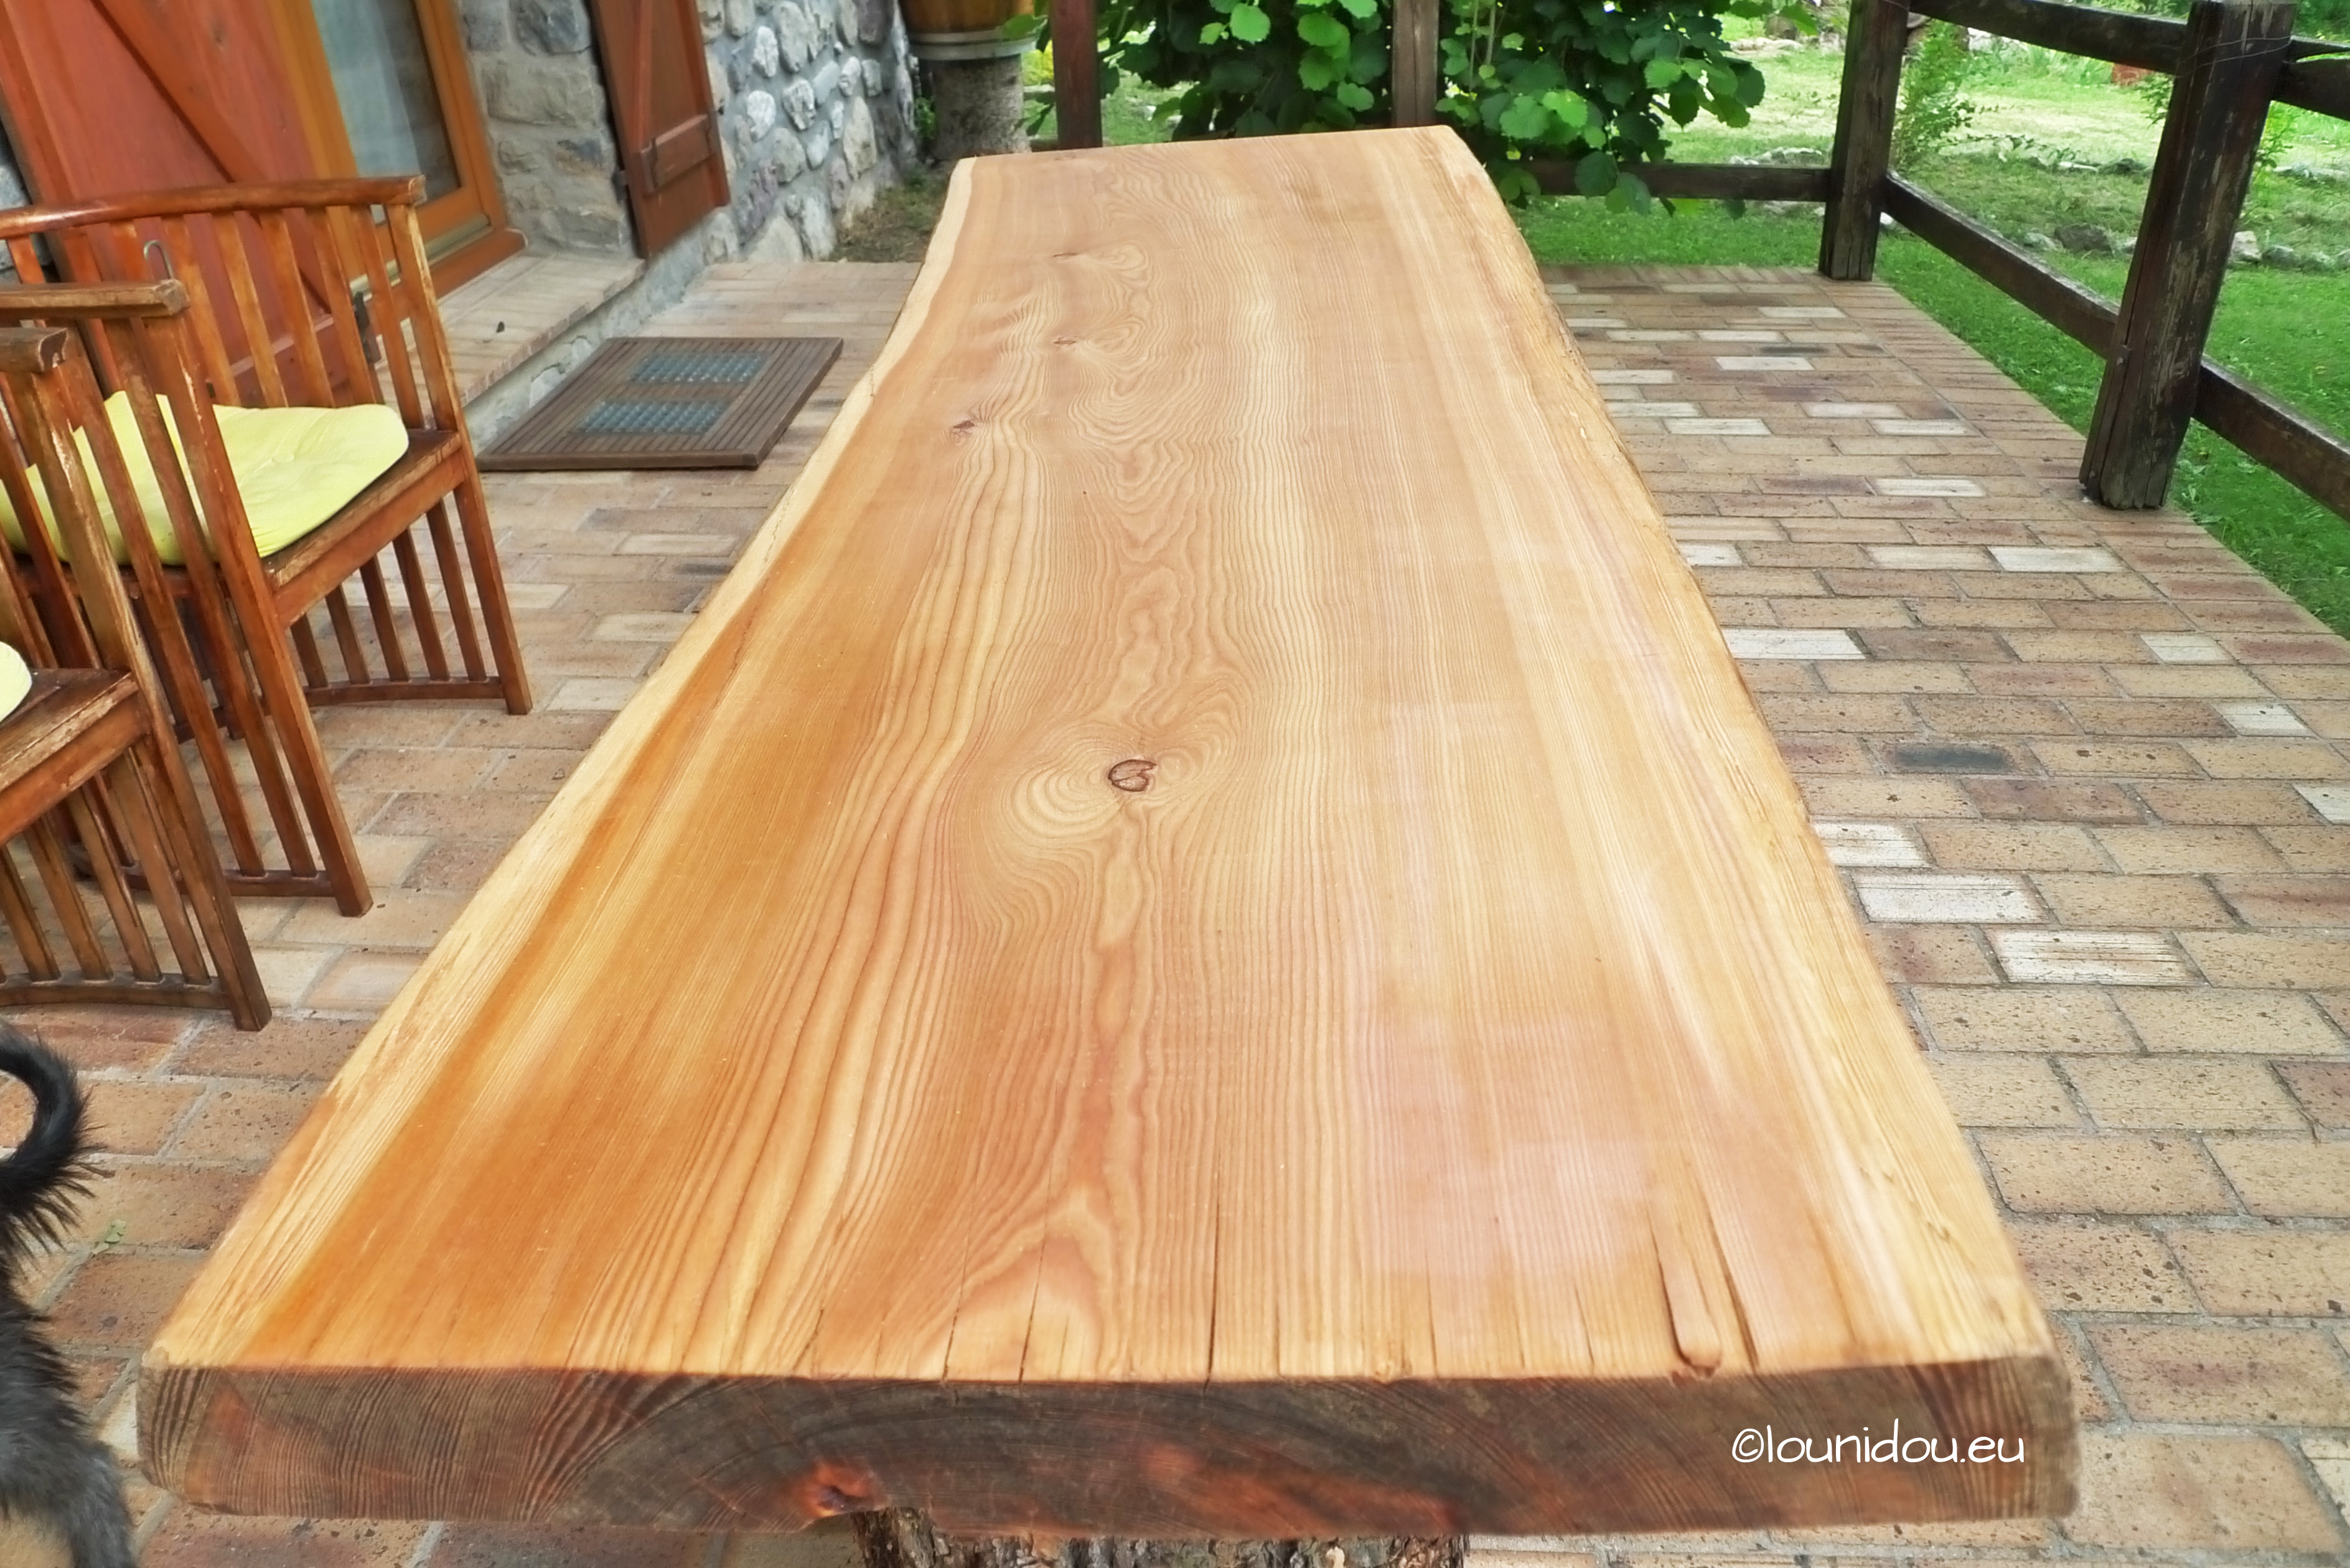 une belle table ext rieure huil eentretien du bois le blog du comptoir des produits bois. Black Bedroom Furniture Sets. Home Design Ideas